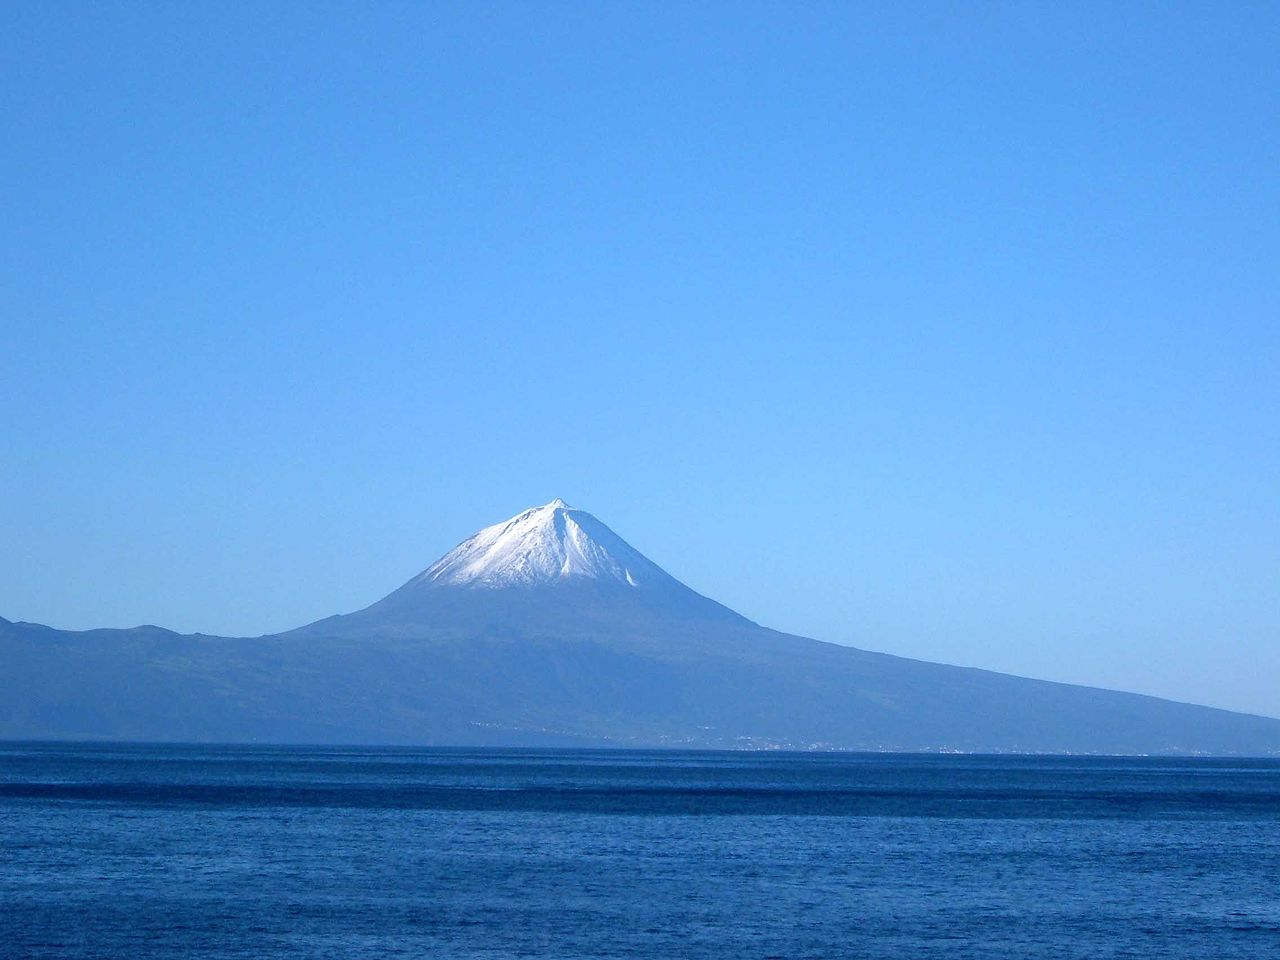 Monte Pico en la isla de San Jorge - Azores